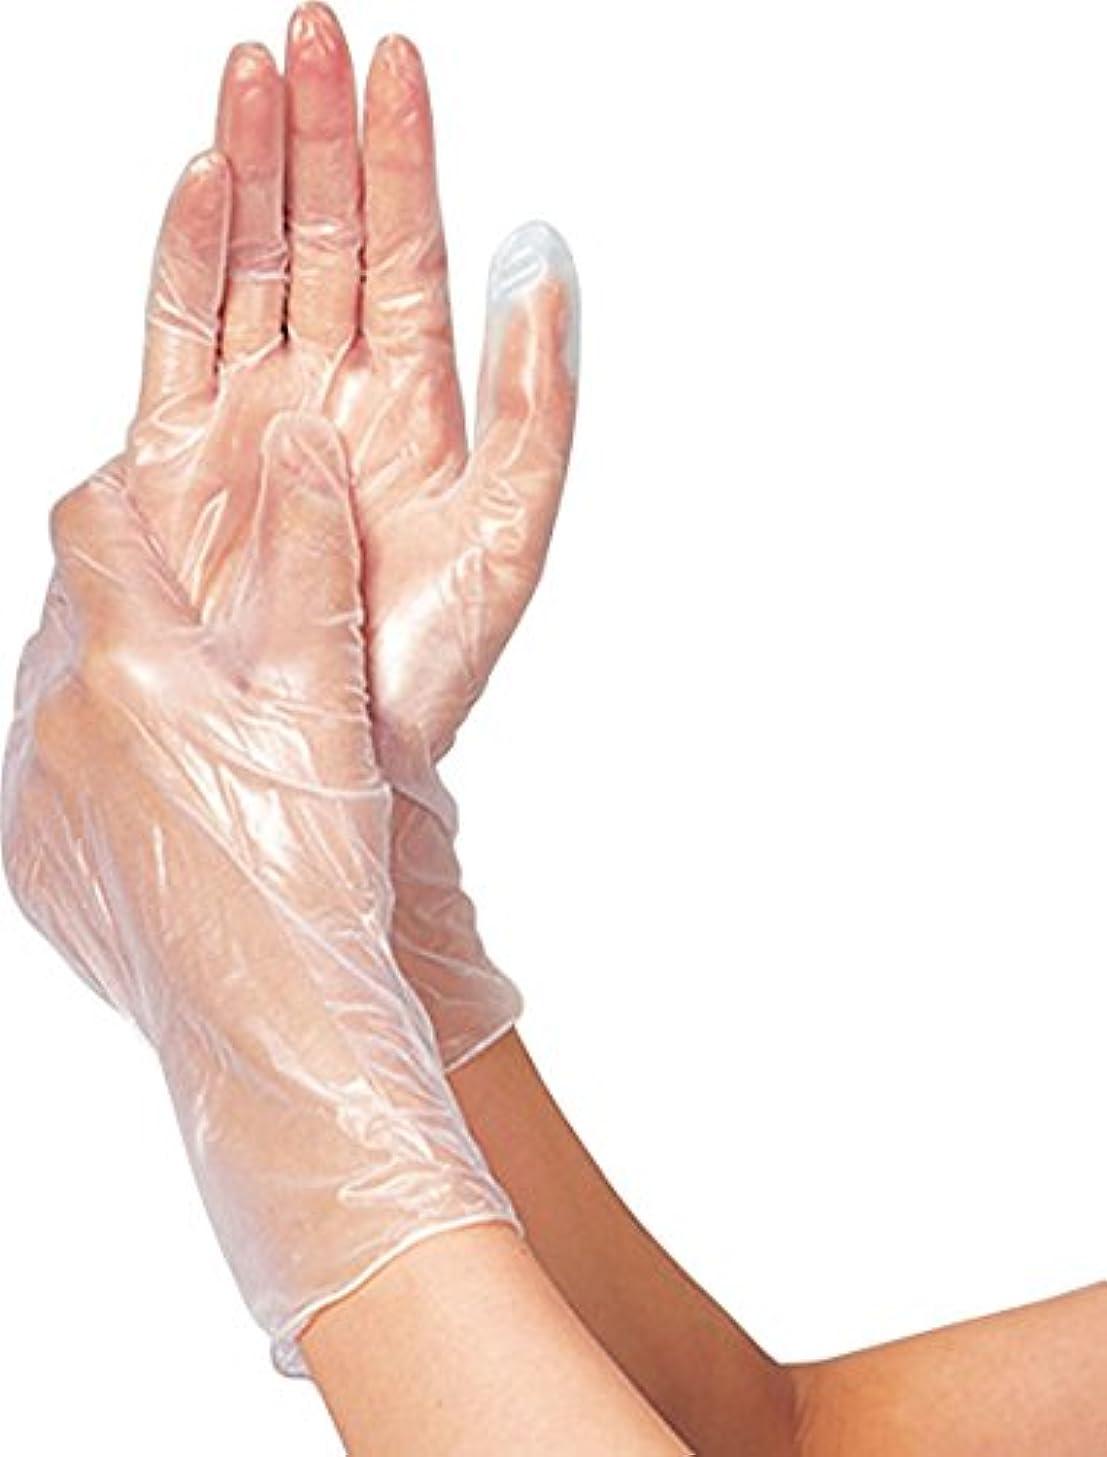 責任者結婚乞食竹虎(Taketora) 竹虎メディカル タケトラプラスチック手袋200パウダーフリーS200枚 075882